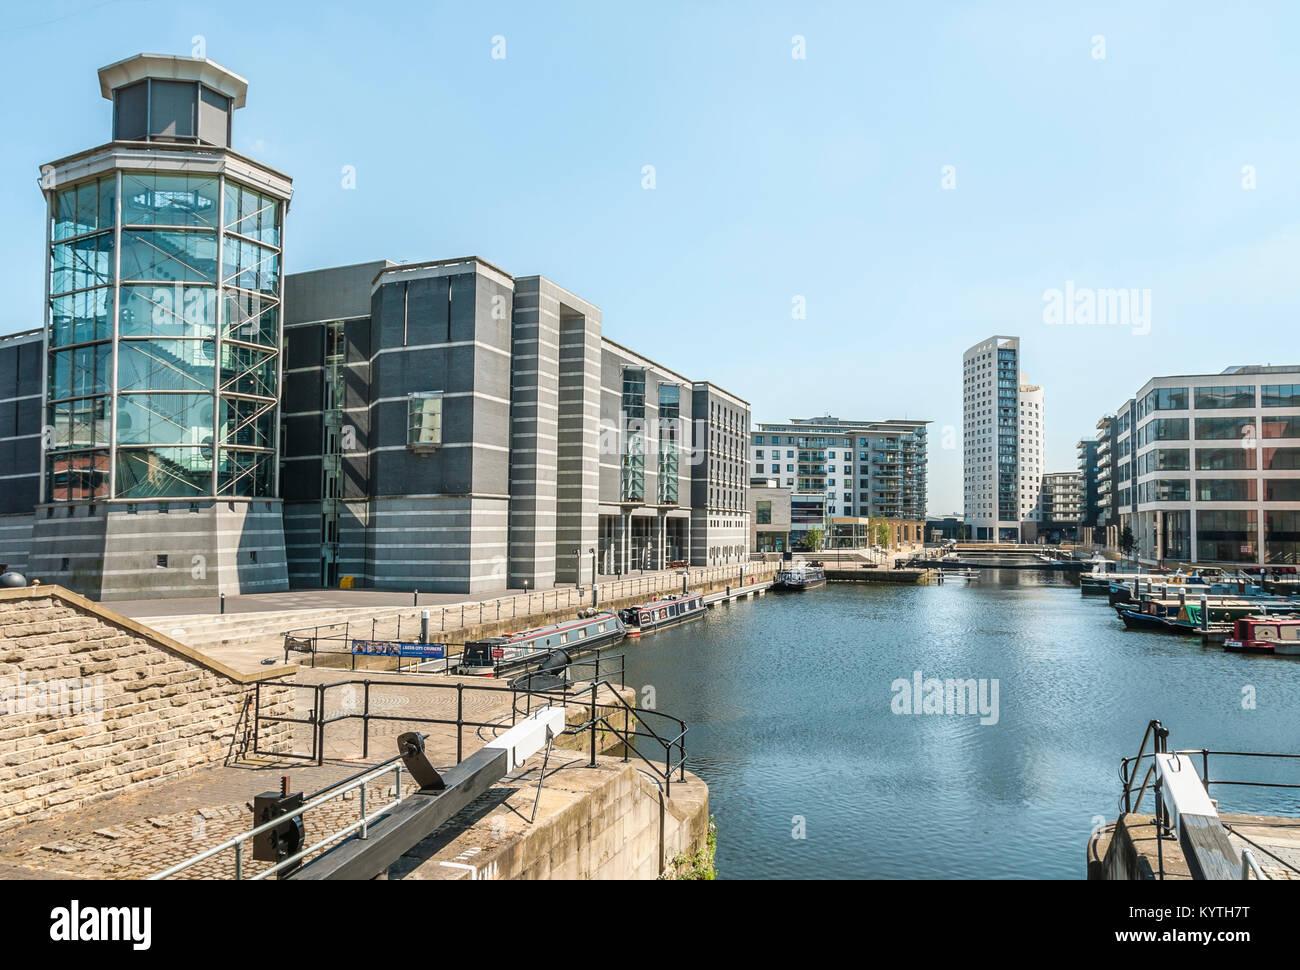 Clarence Dock en Leeds es un destino comercial y de ocio en el centro de Leeds, West Yorkshire, Inglaterra Foto de stock